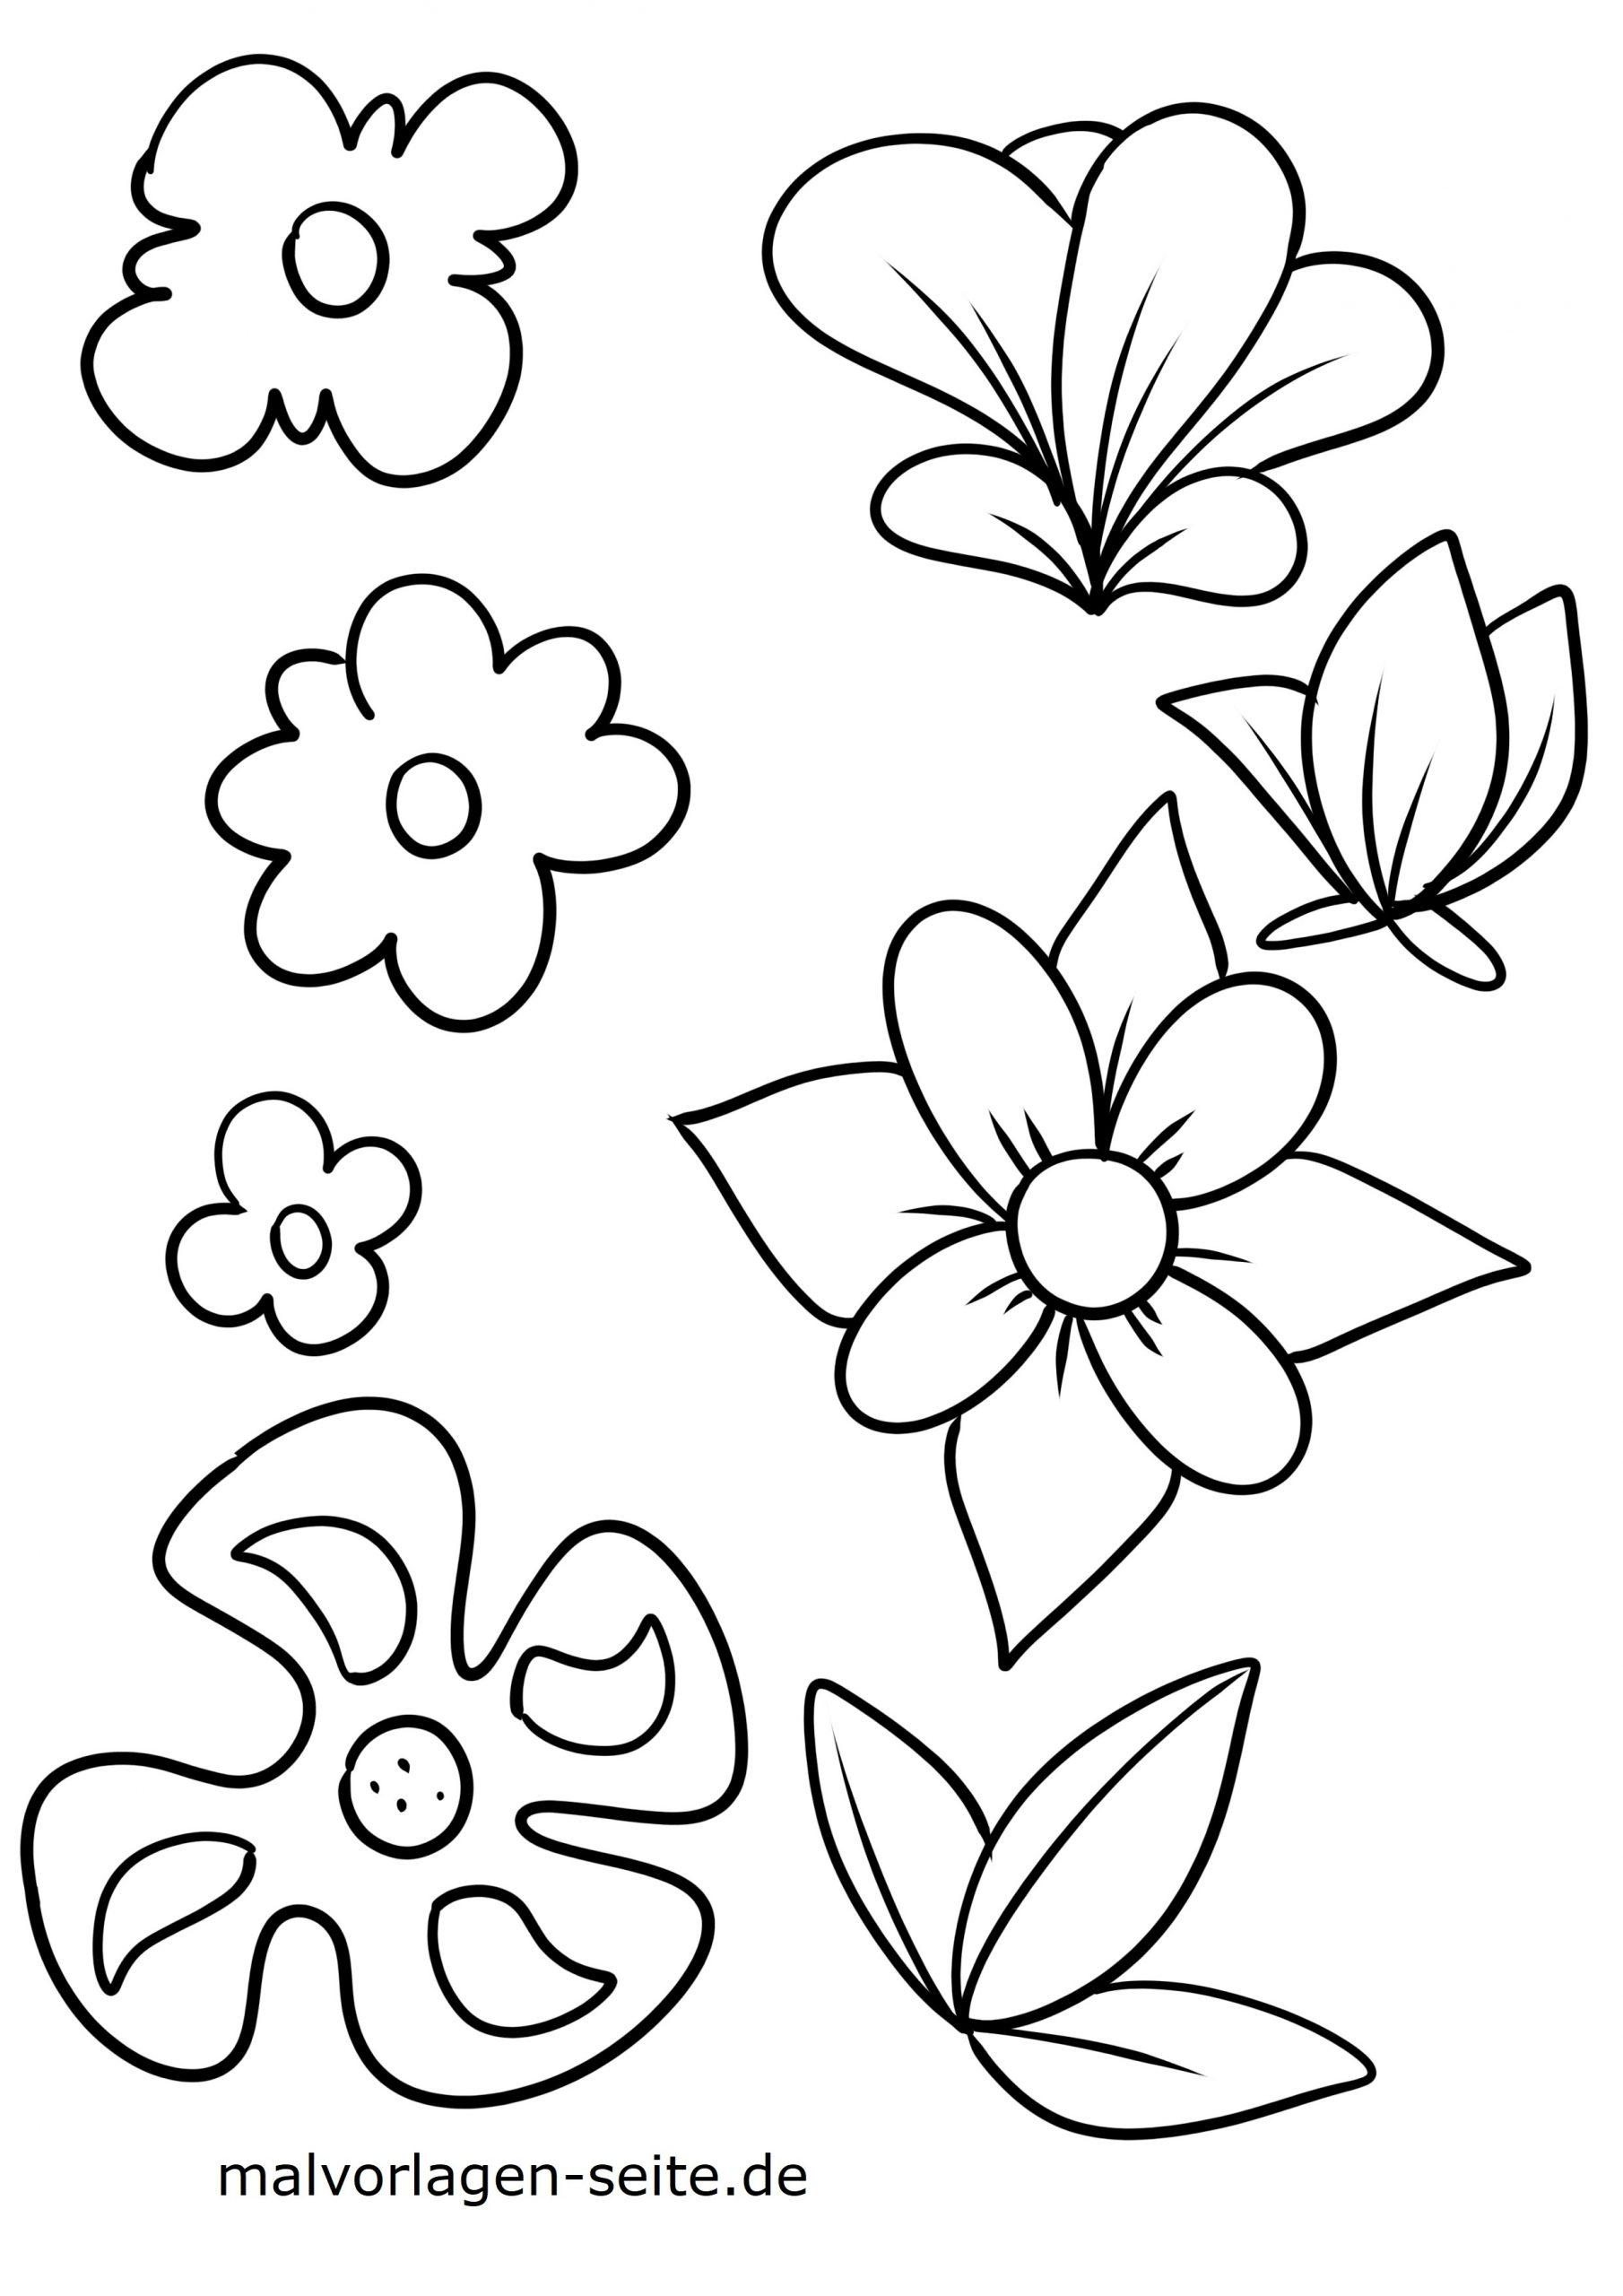 Malvorlage Blumen Blüten - Ausmalbilder Kostenlos Herunterladen für Blume Zum Ausmalen